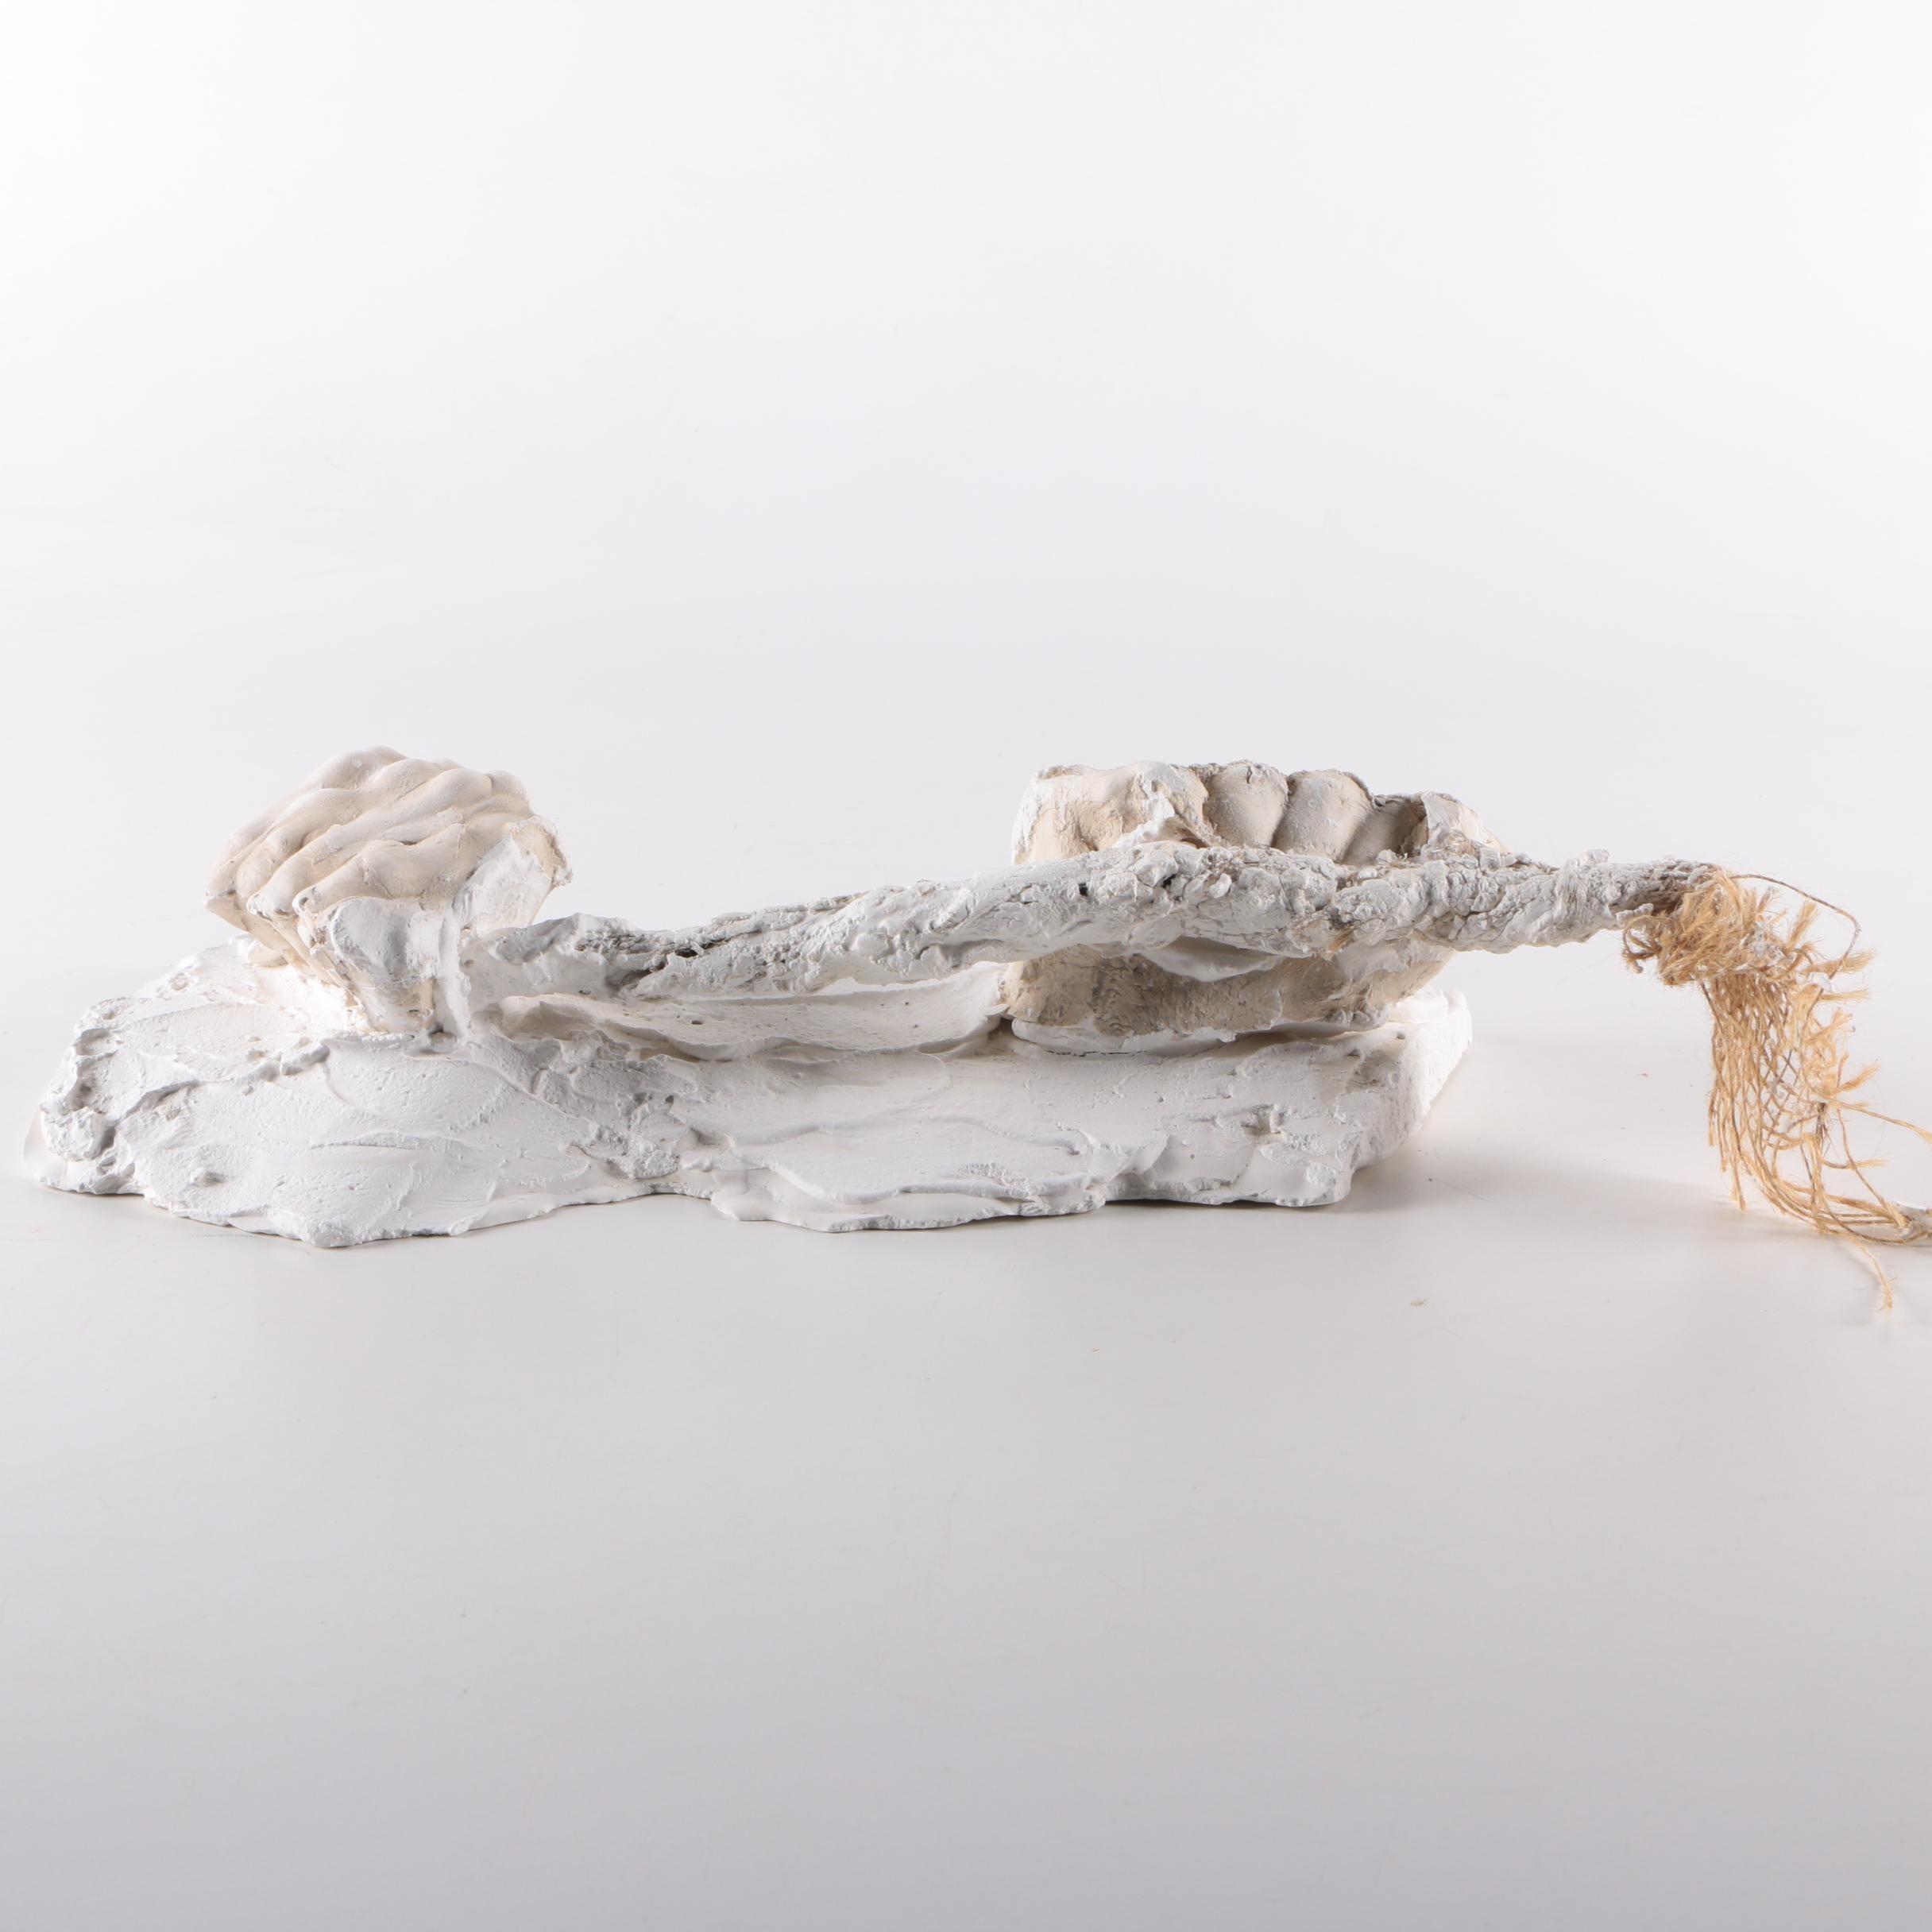 Plaster Hands Sculpture